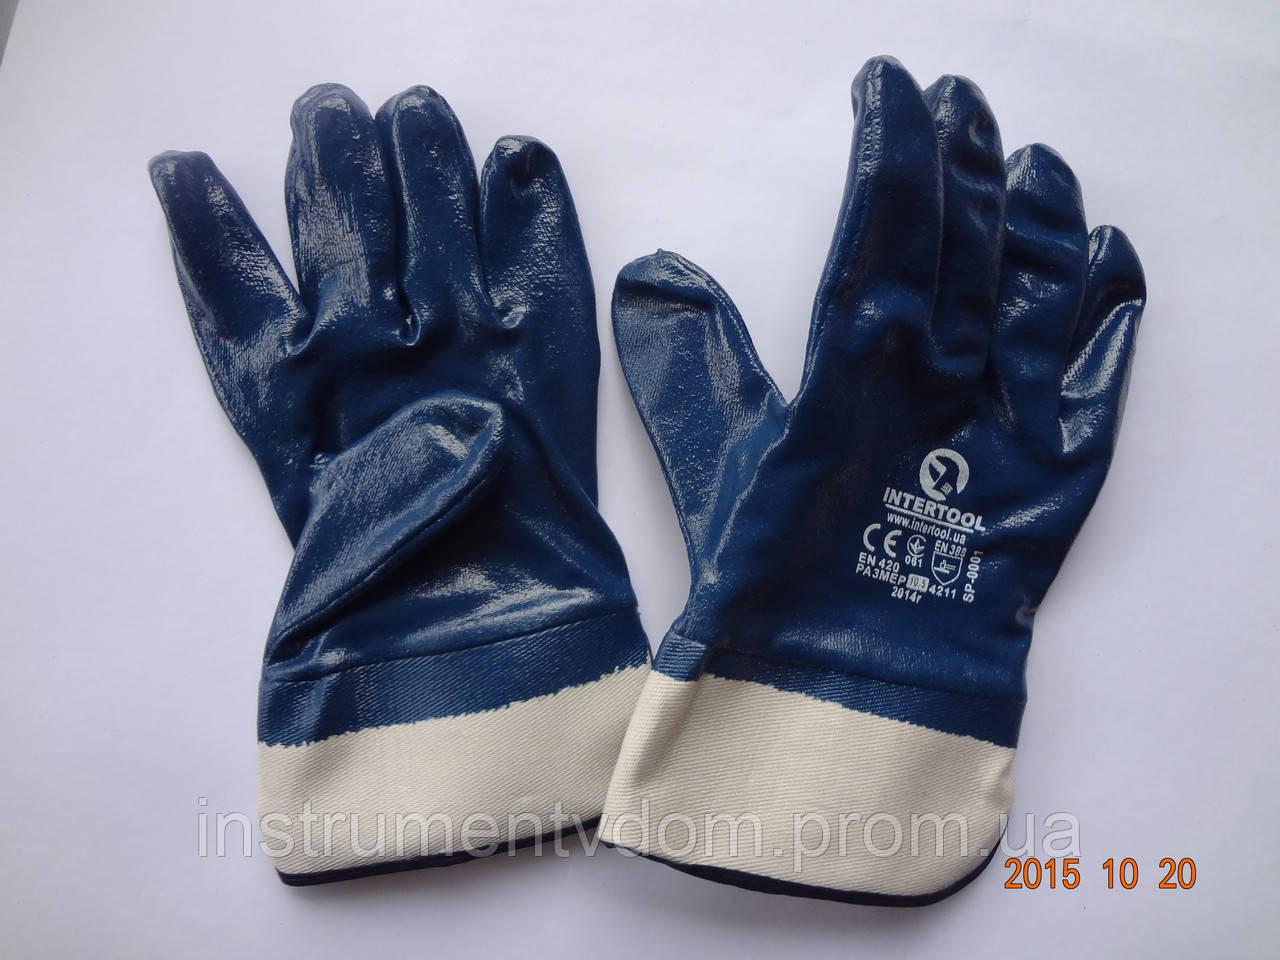 Перчатки синие трикотажные маслостойкие с нитриловым покрытием INTERTOOL  (упаковка 12 пар)